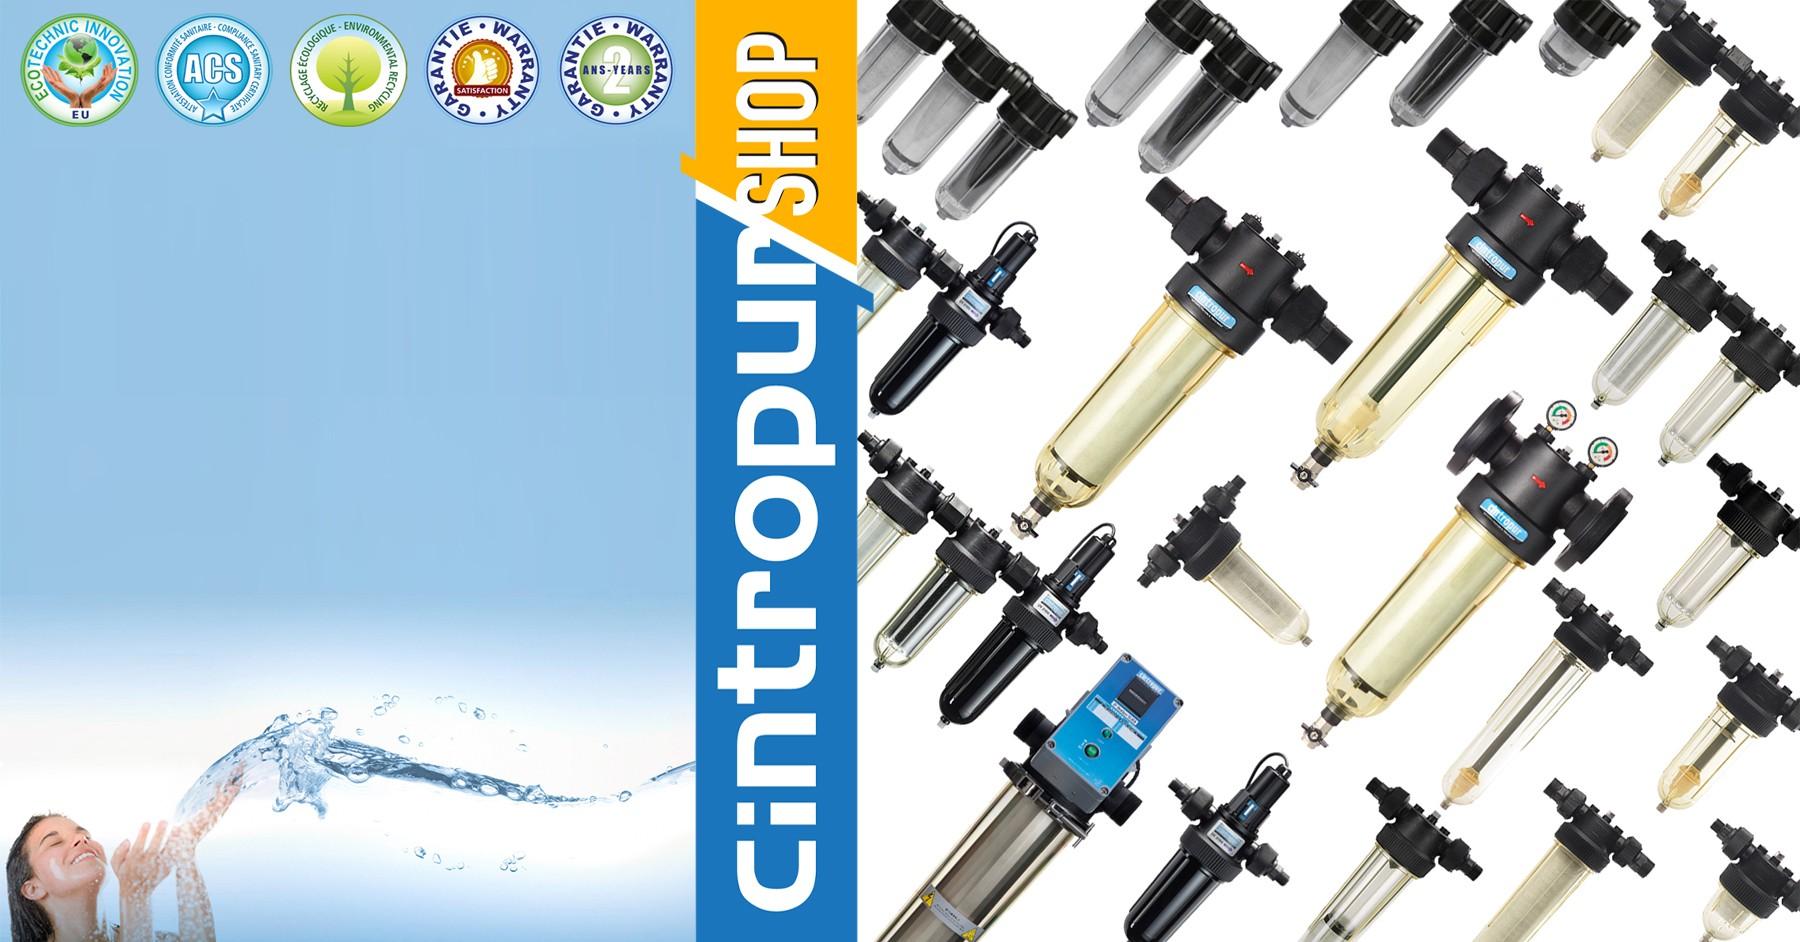 Boutique en ligne officielle Cintropur SHOP, filtres à liquide, stérilisateurs d'eau Cintropur UV, charbon actif